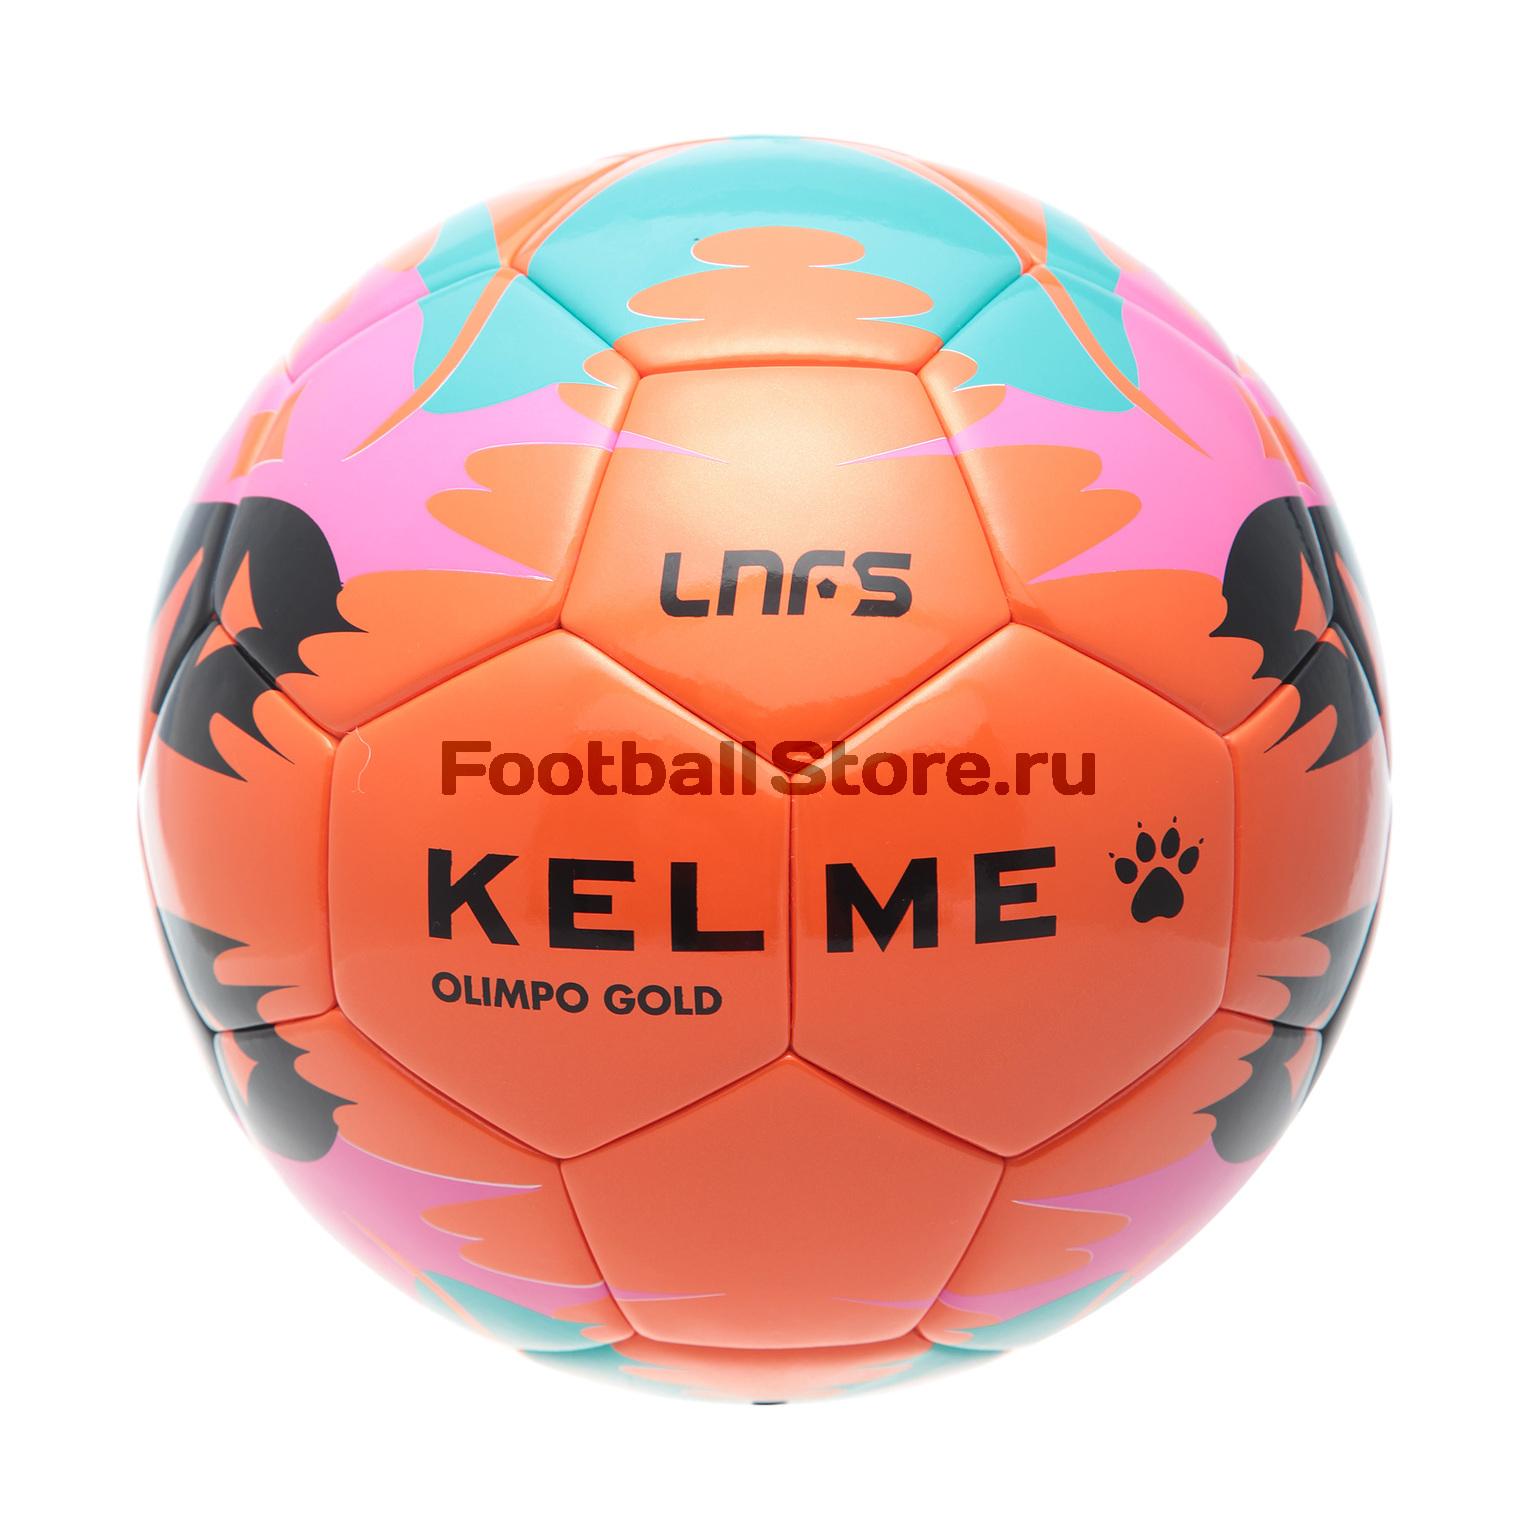 Футзальный мяч Kelme Replica 90157-227 мяч футзальный select futsal talento 11 852616 049 р 3